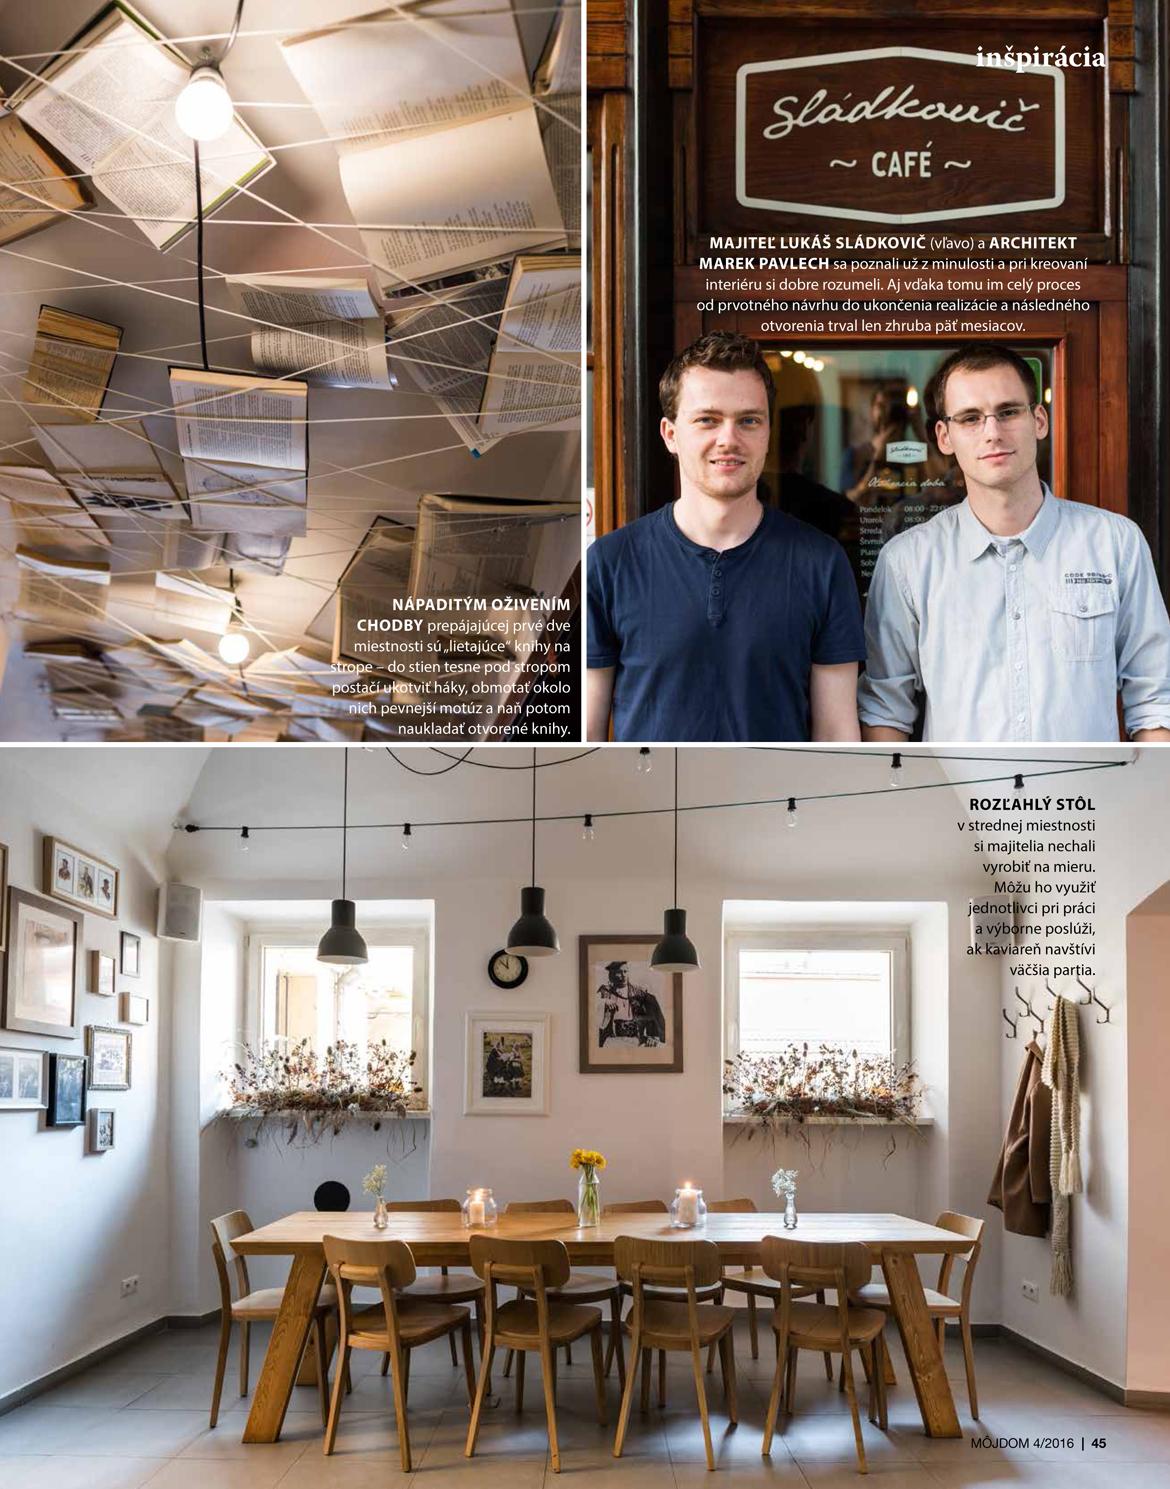 004-mojdom-cafe-sladkovic-trencin-pavlech-architekti